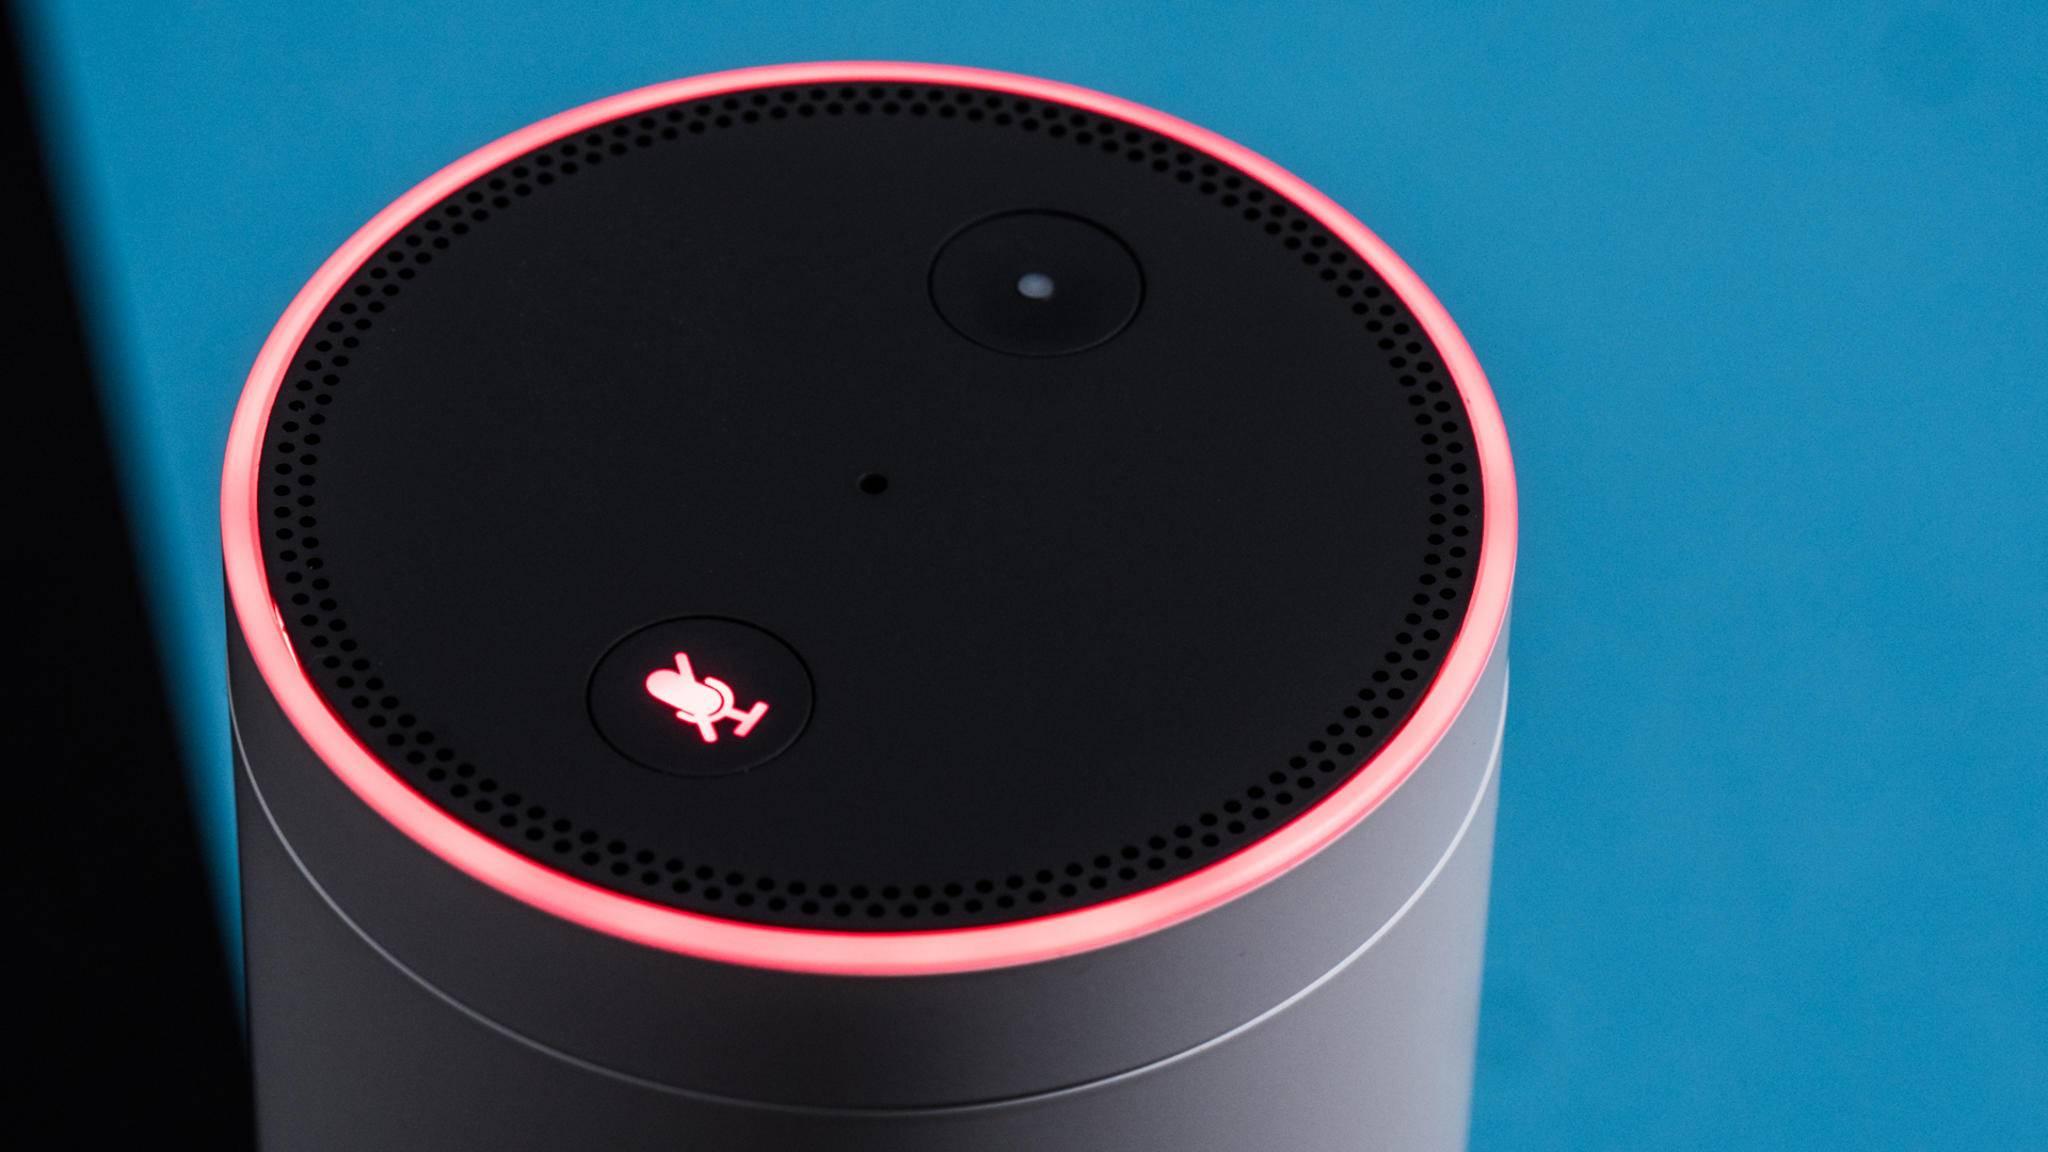 Der Amazon Echo wird Multiroom-fähig.